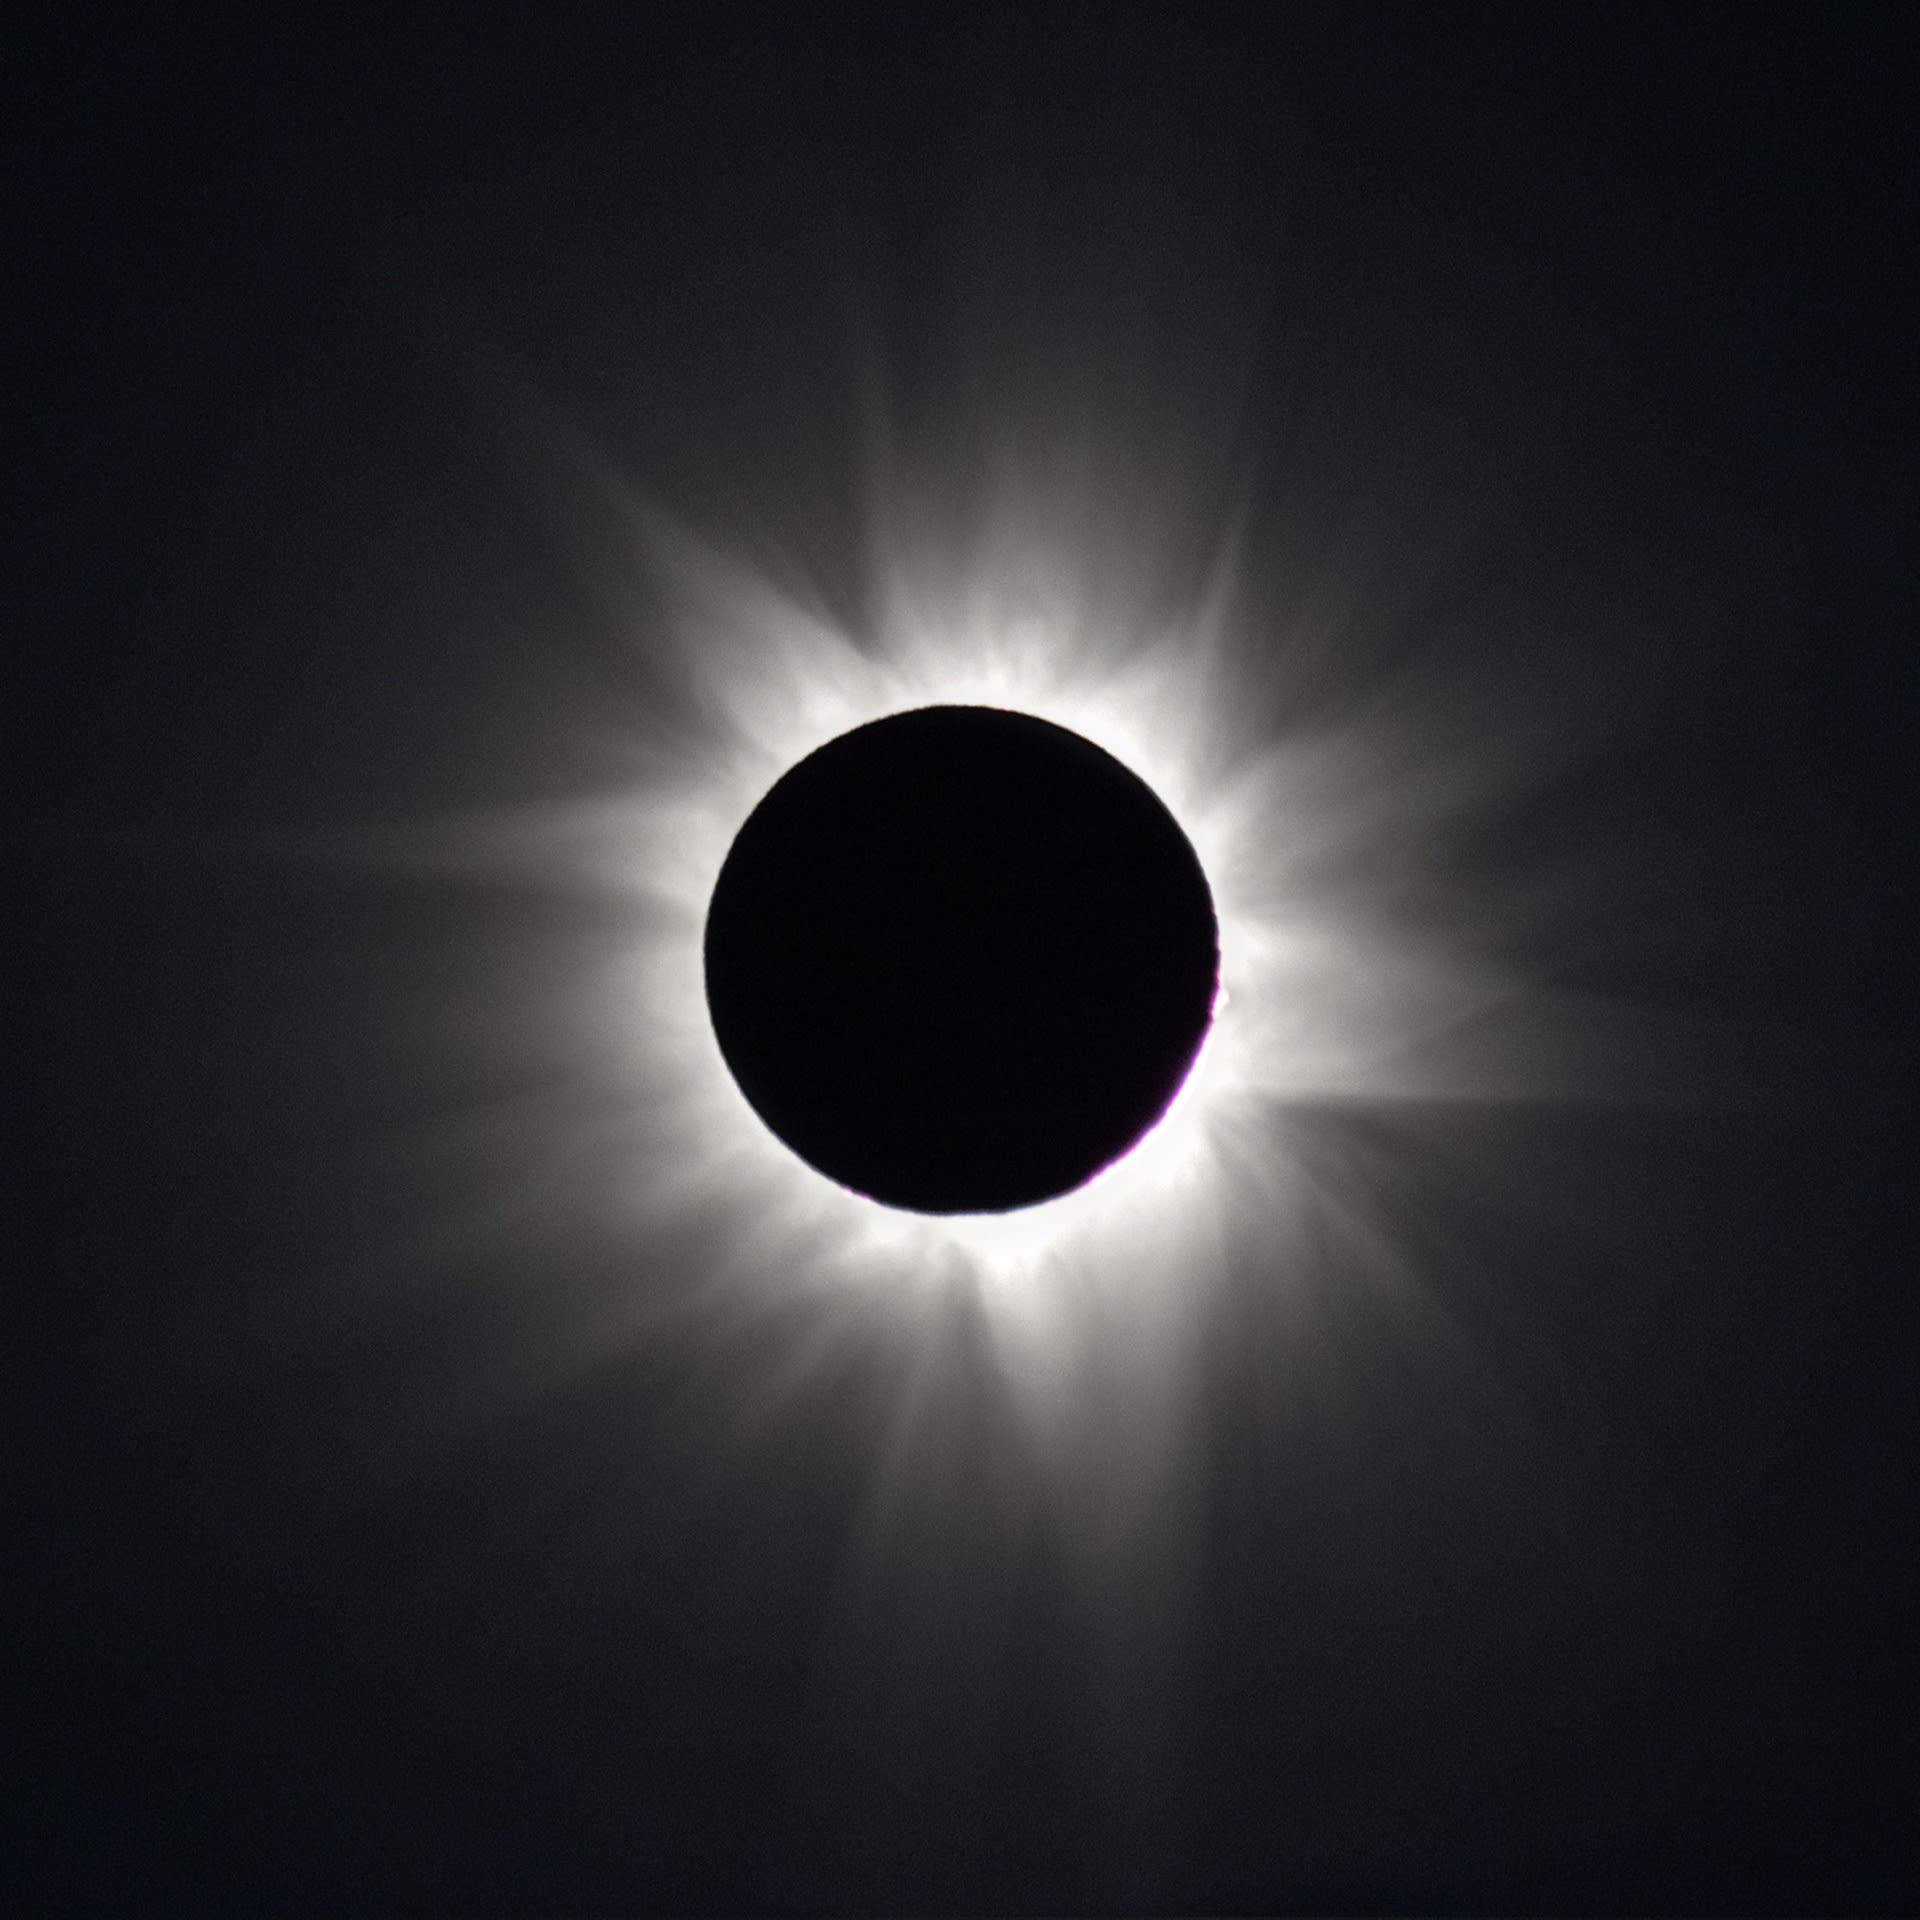 太陽の画像 p1_21